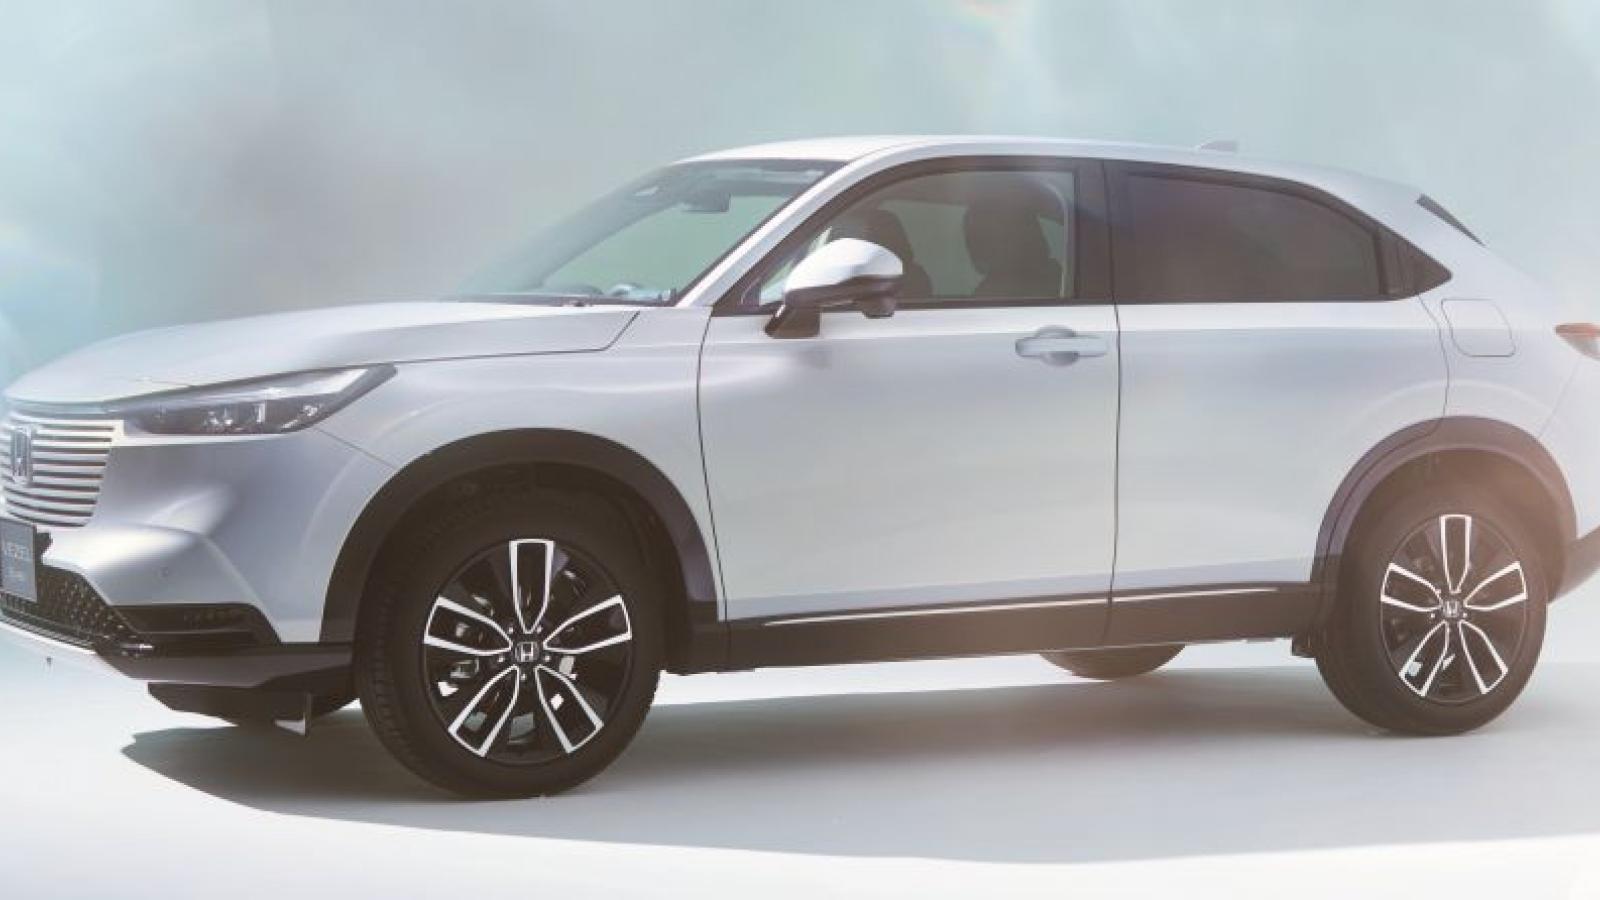 Ảnh chi tiết thiết kế của chiếc Honda HR-V 2022